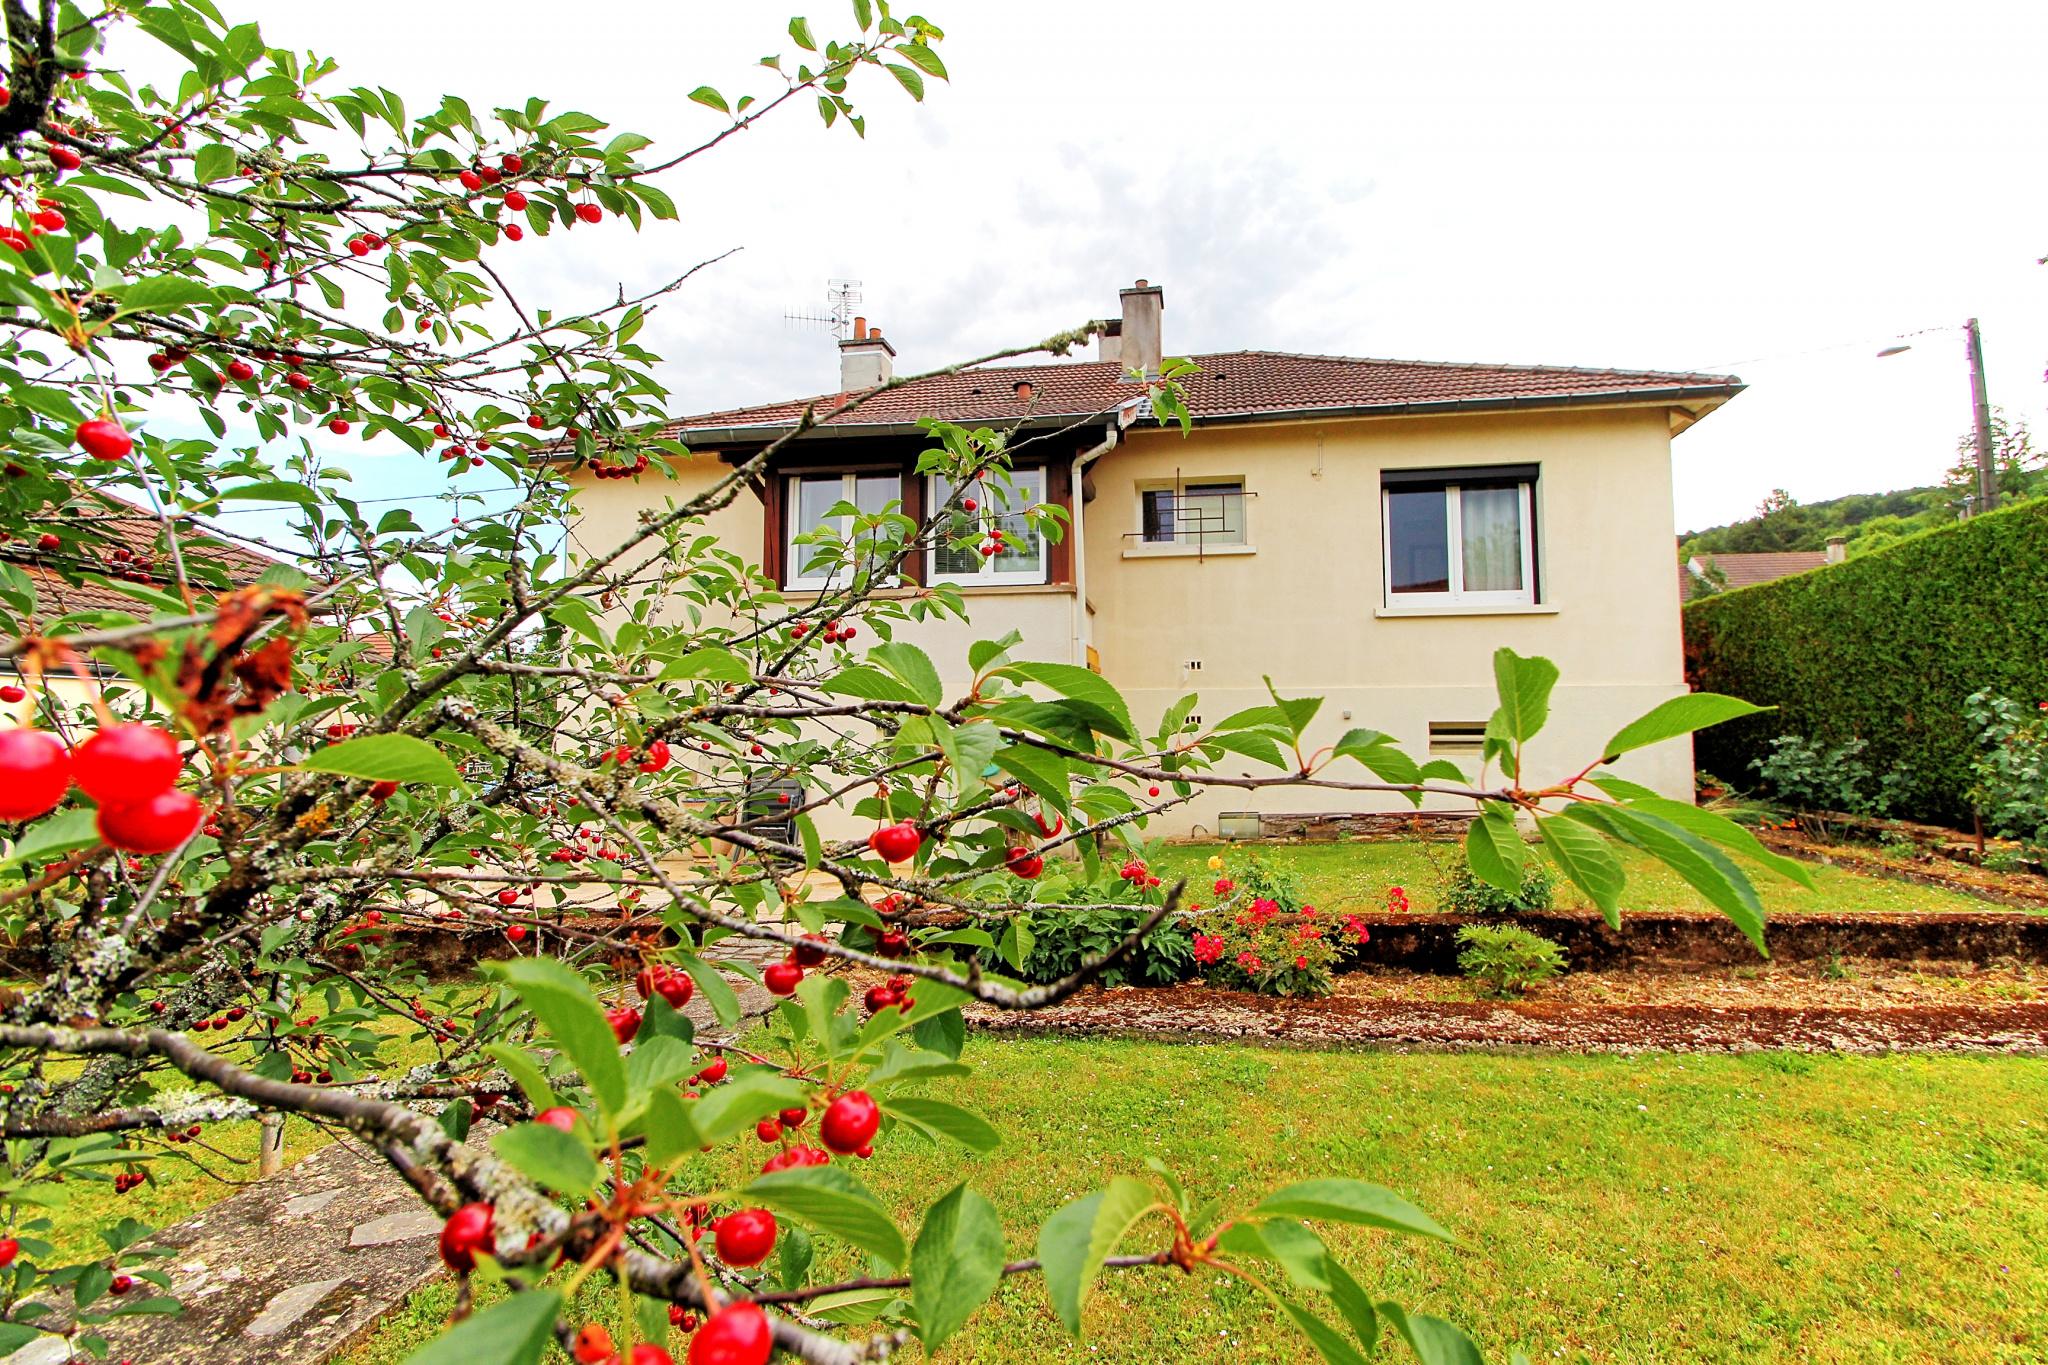 Vente maison/villa couchey TRANSCO